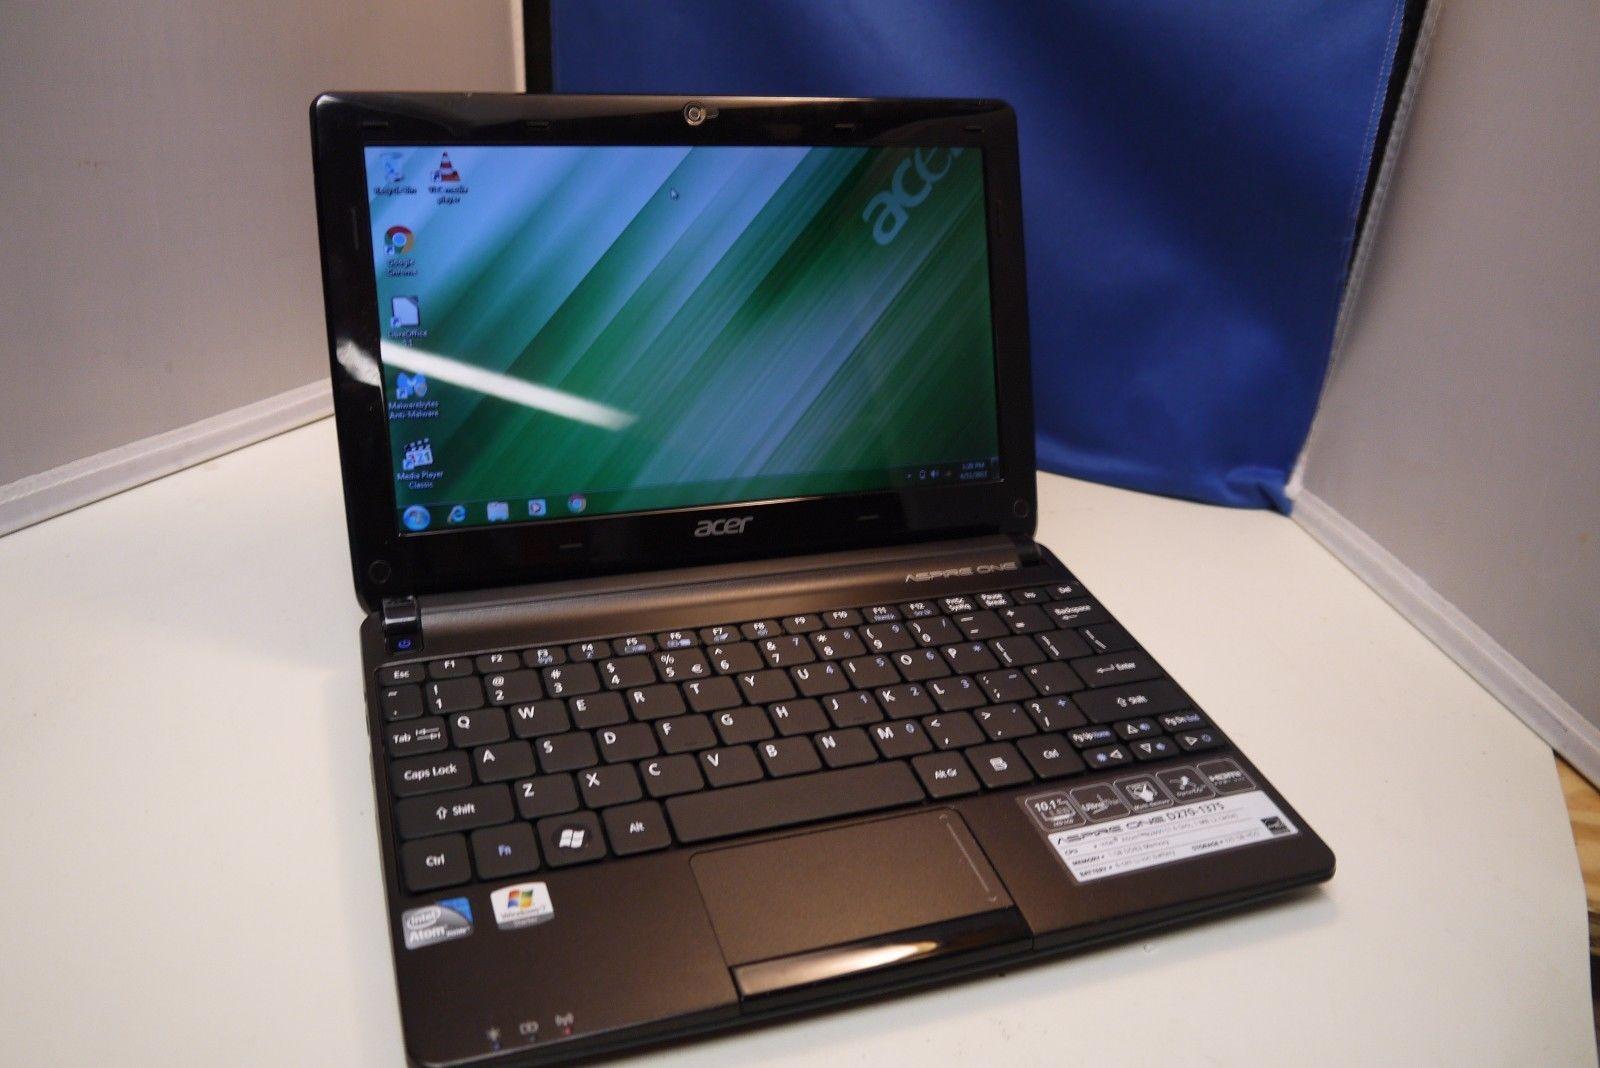 Acer Aspire One D270 AOD270 1375 101in 320GB Intel Atom Dual